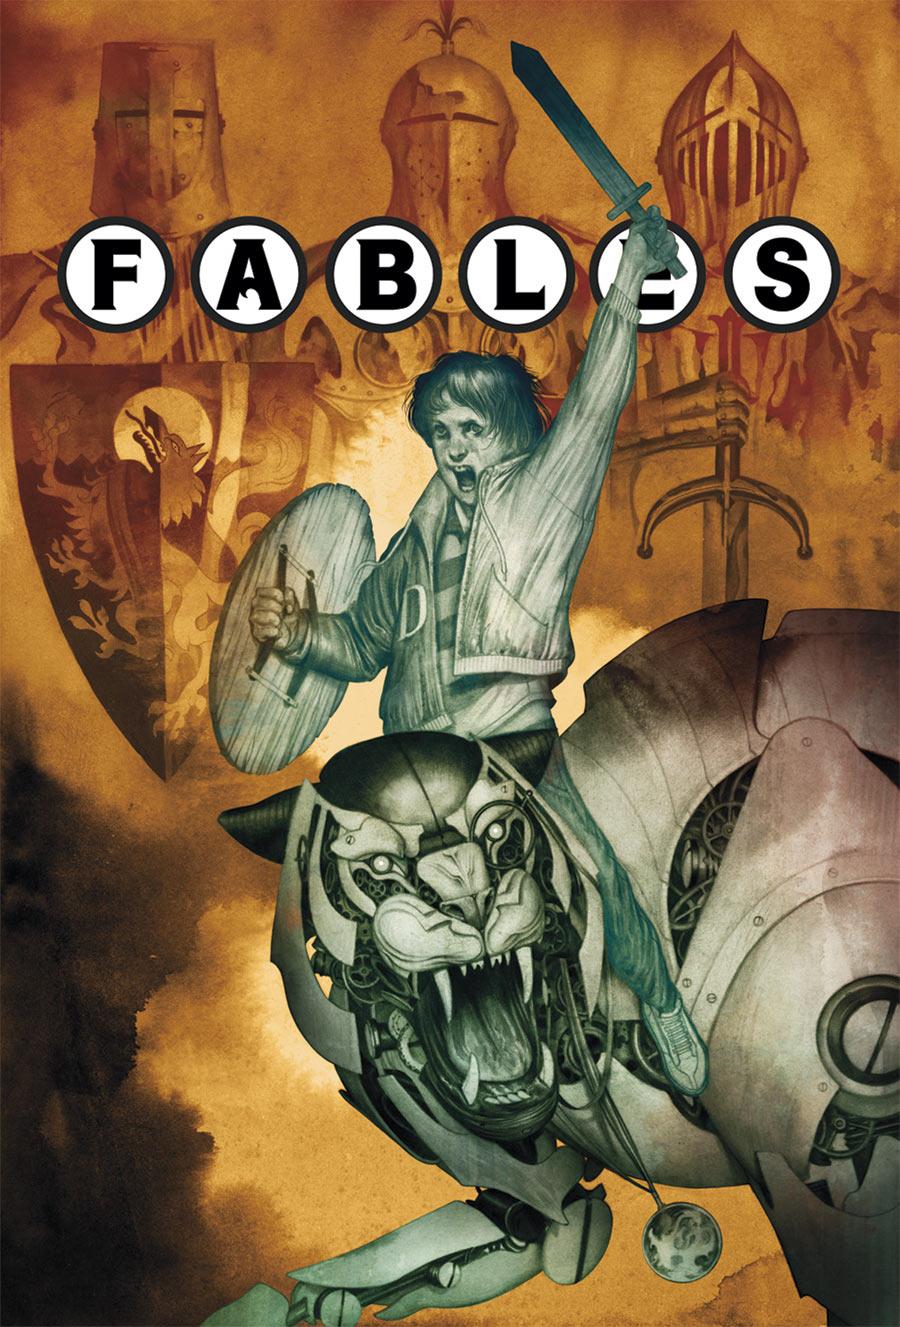 Fables #116 (2012) - DC/Vertigo - Cover: Joao Ruas